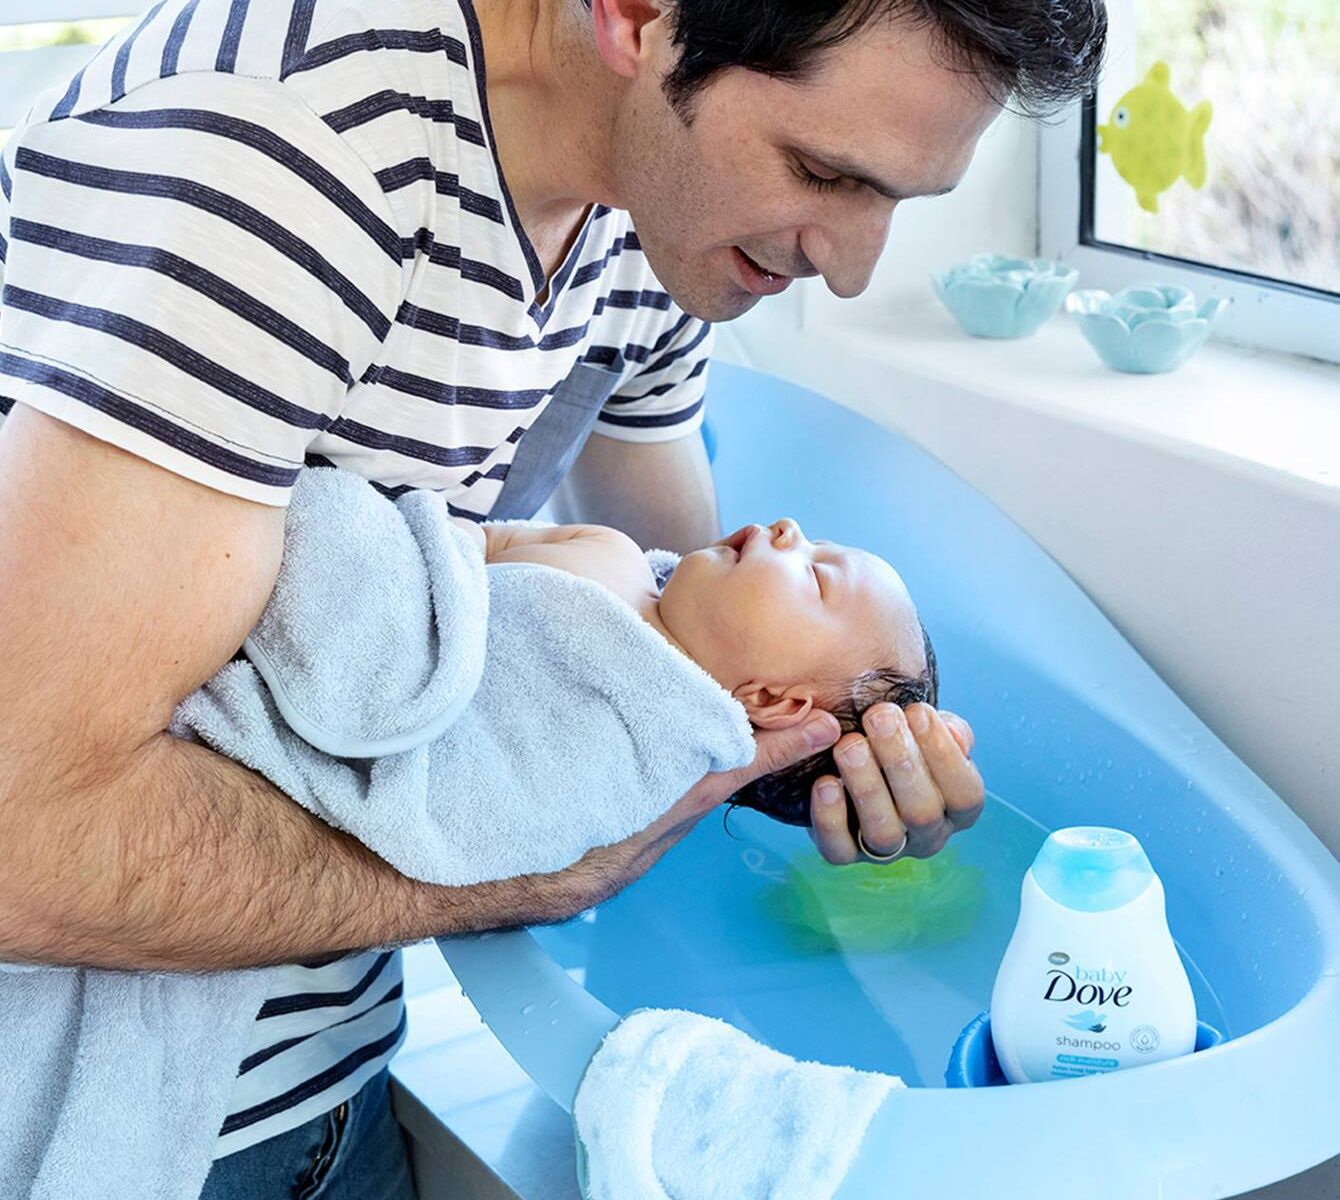 Tắm cho trẻ sơ sinh vào giờ nào là tốt nhất?